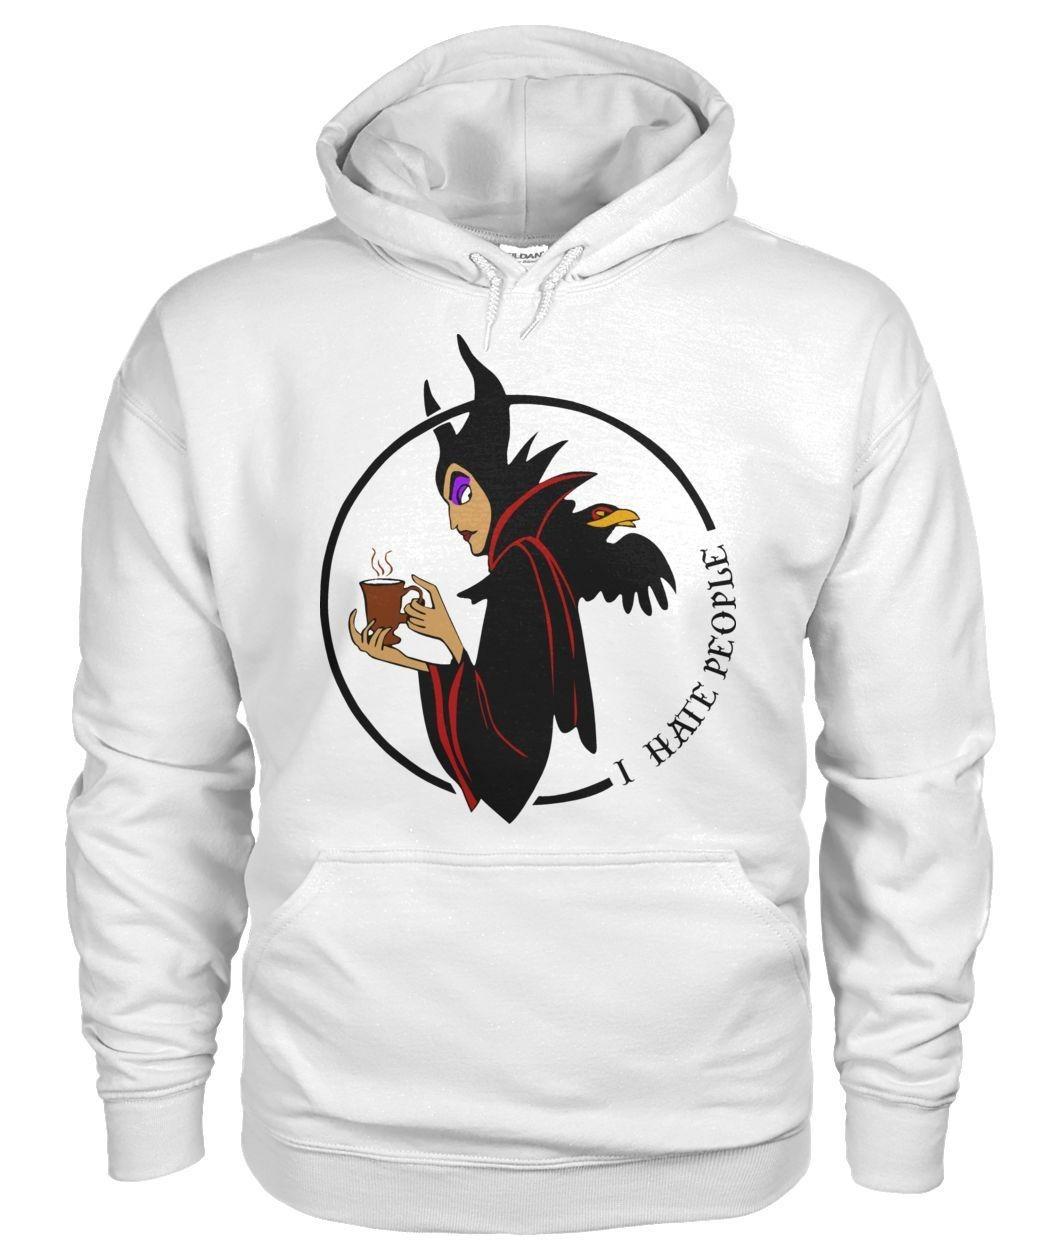 Maleficent I hate people Hoodie